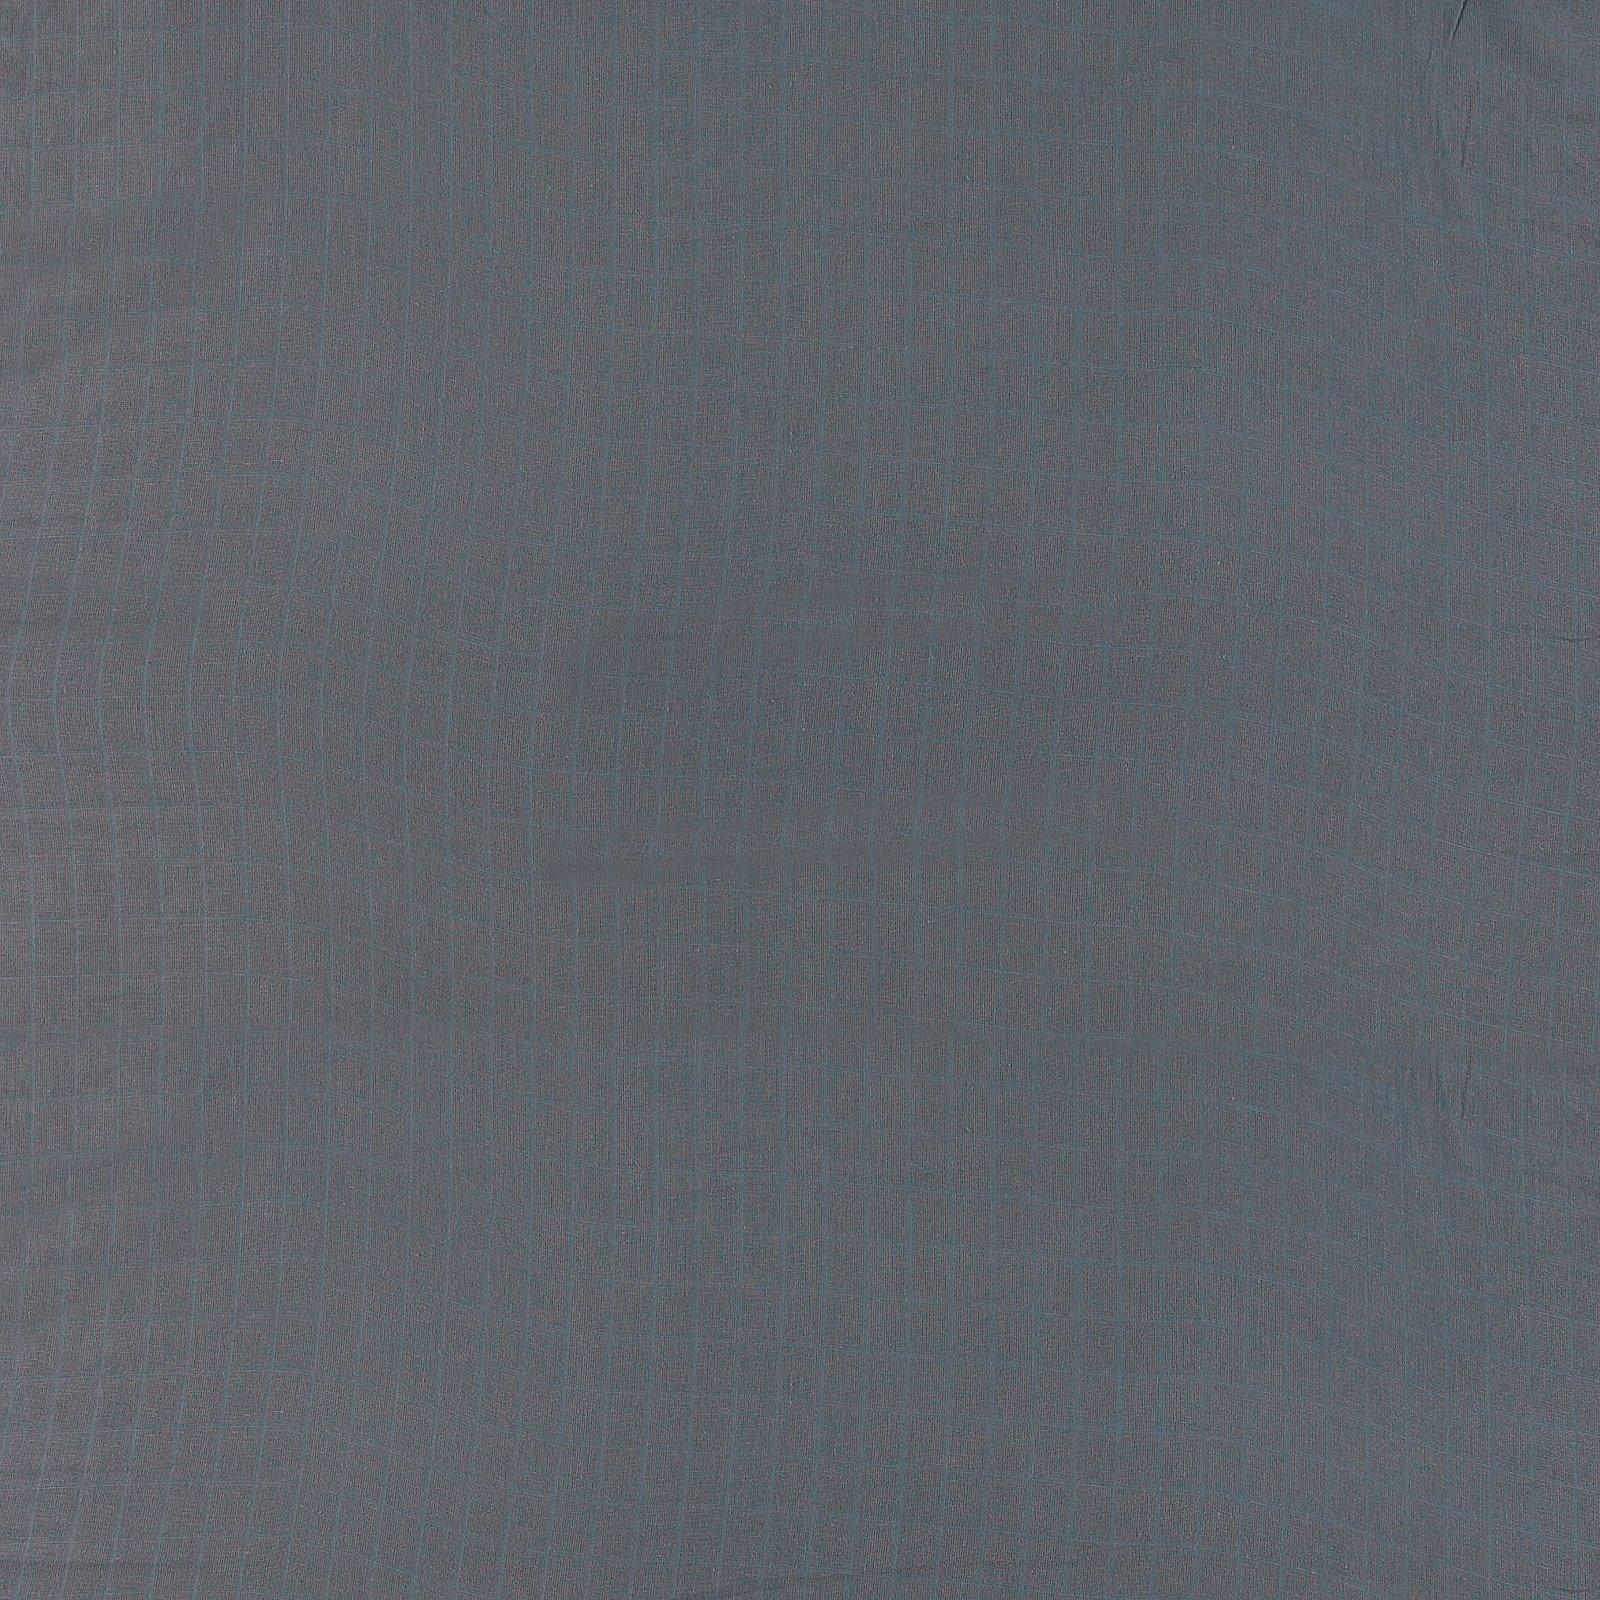 Muslin dusty blue 501537_pack_sp